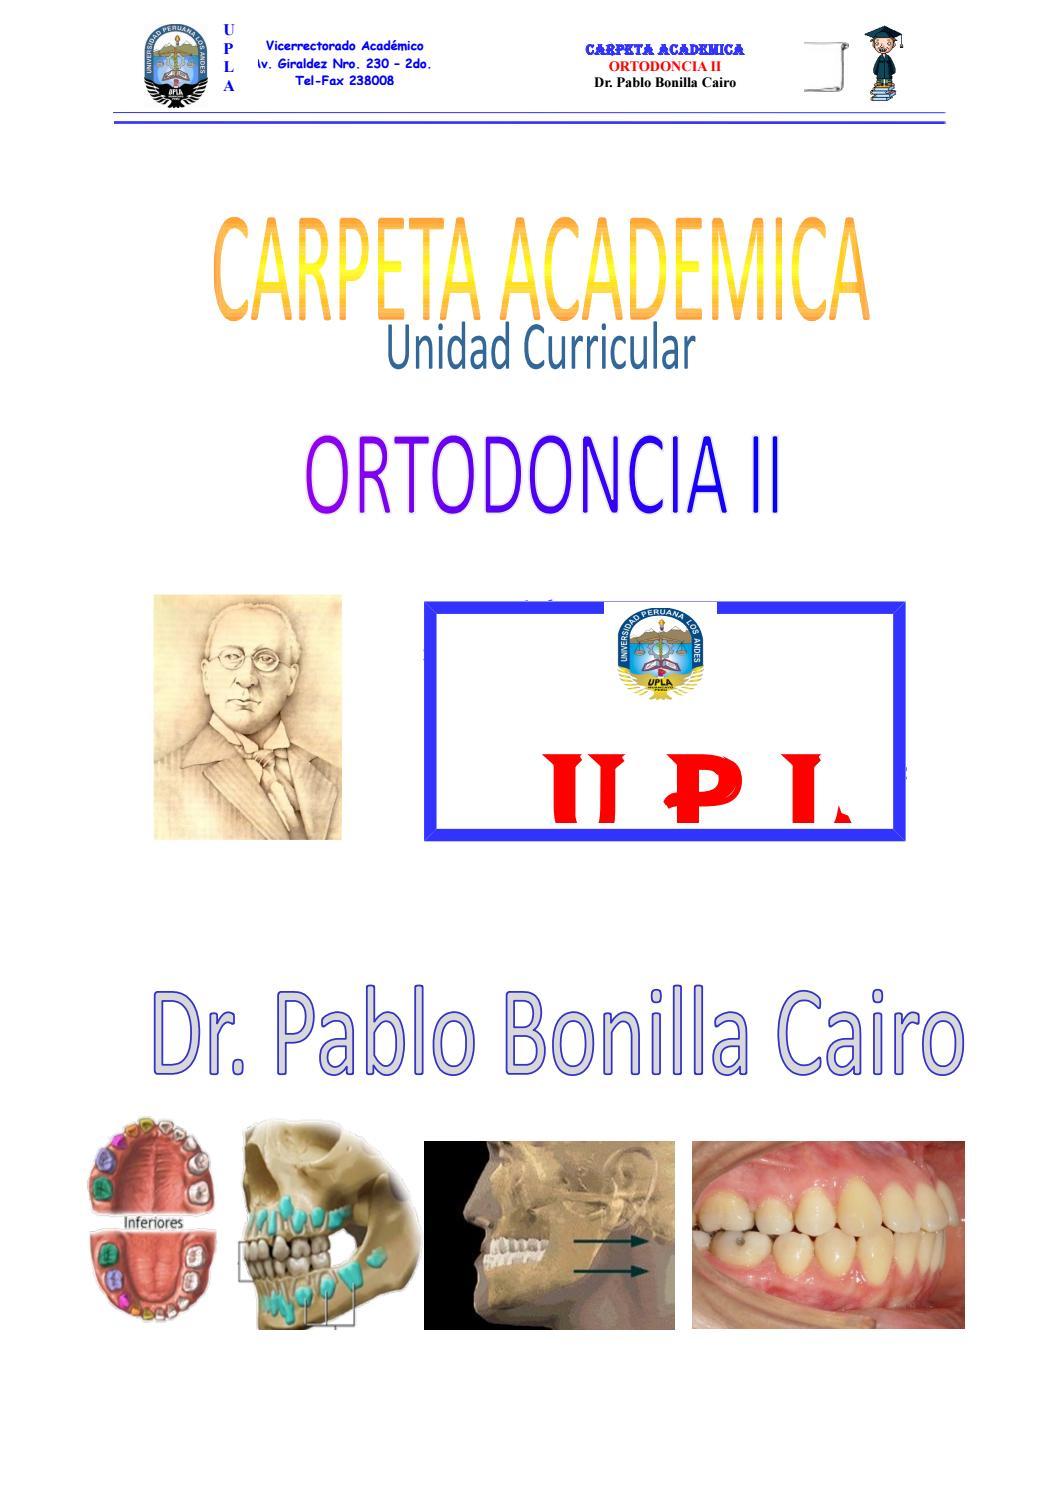 Carpeta academica de orto ii pablo bonilla by pablo - issuu